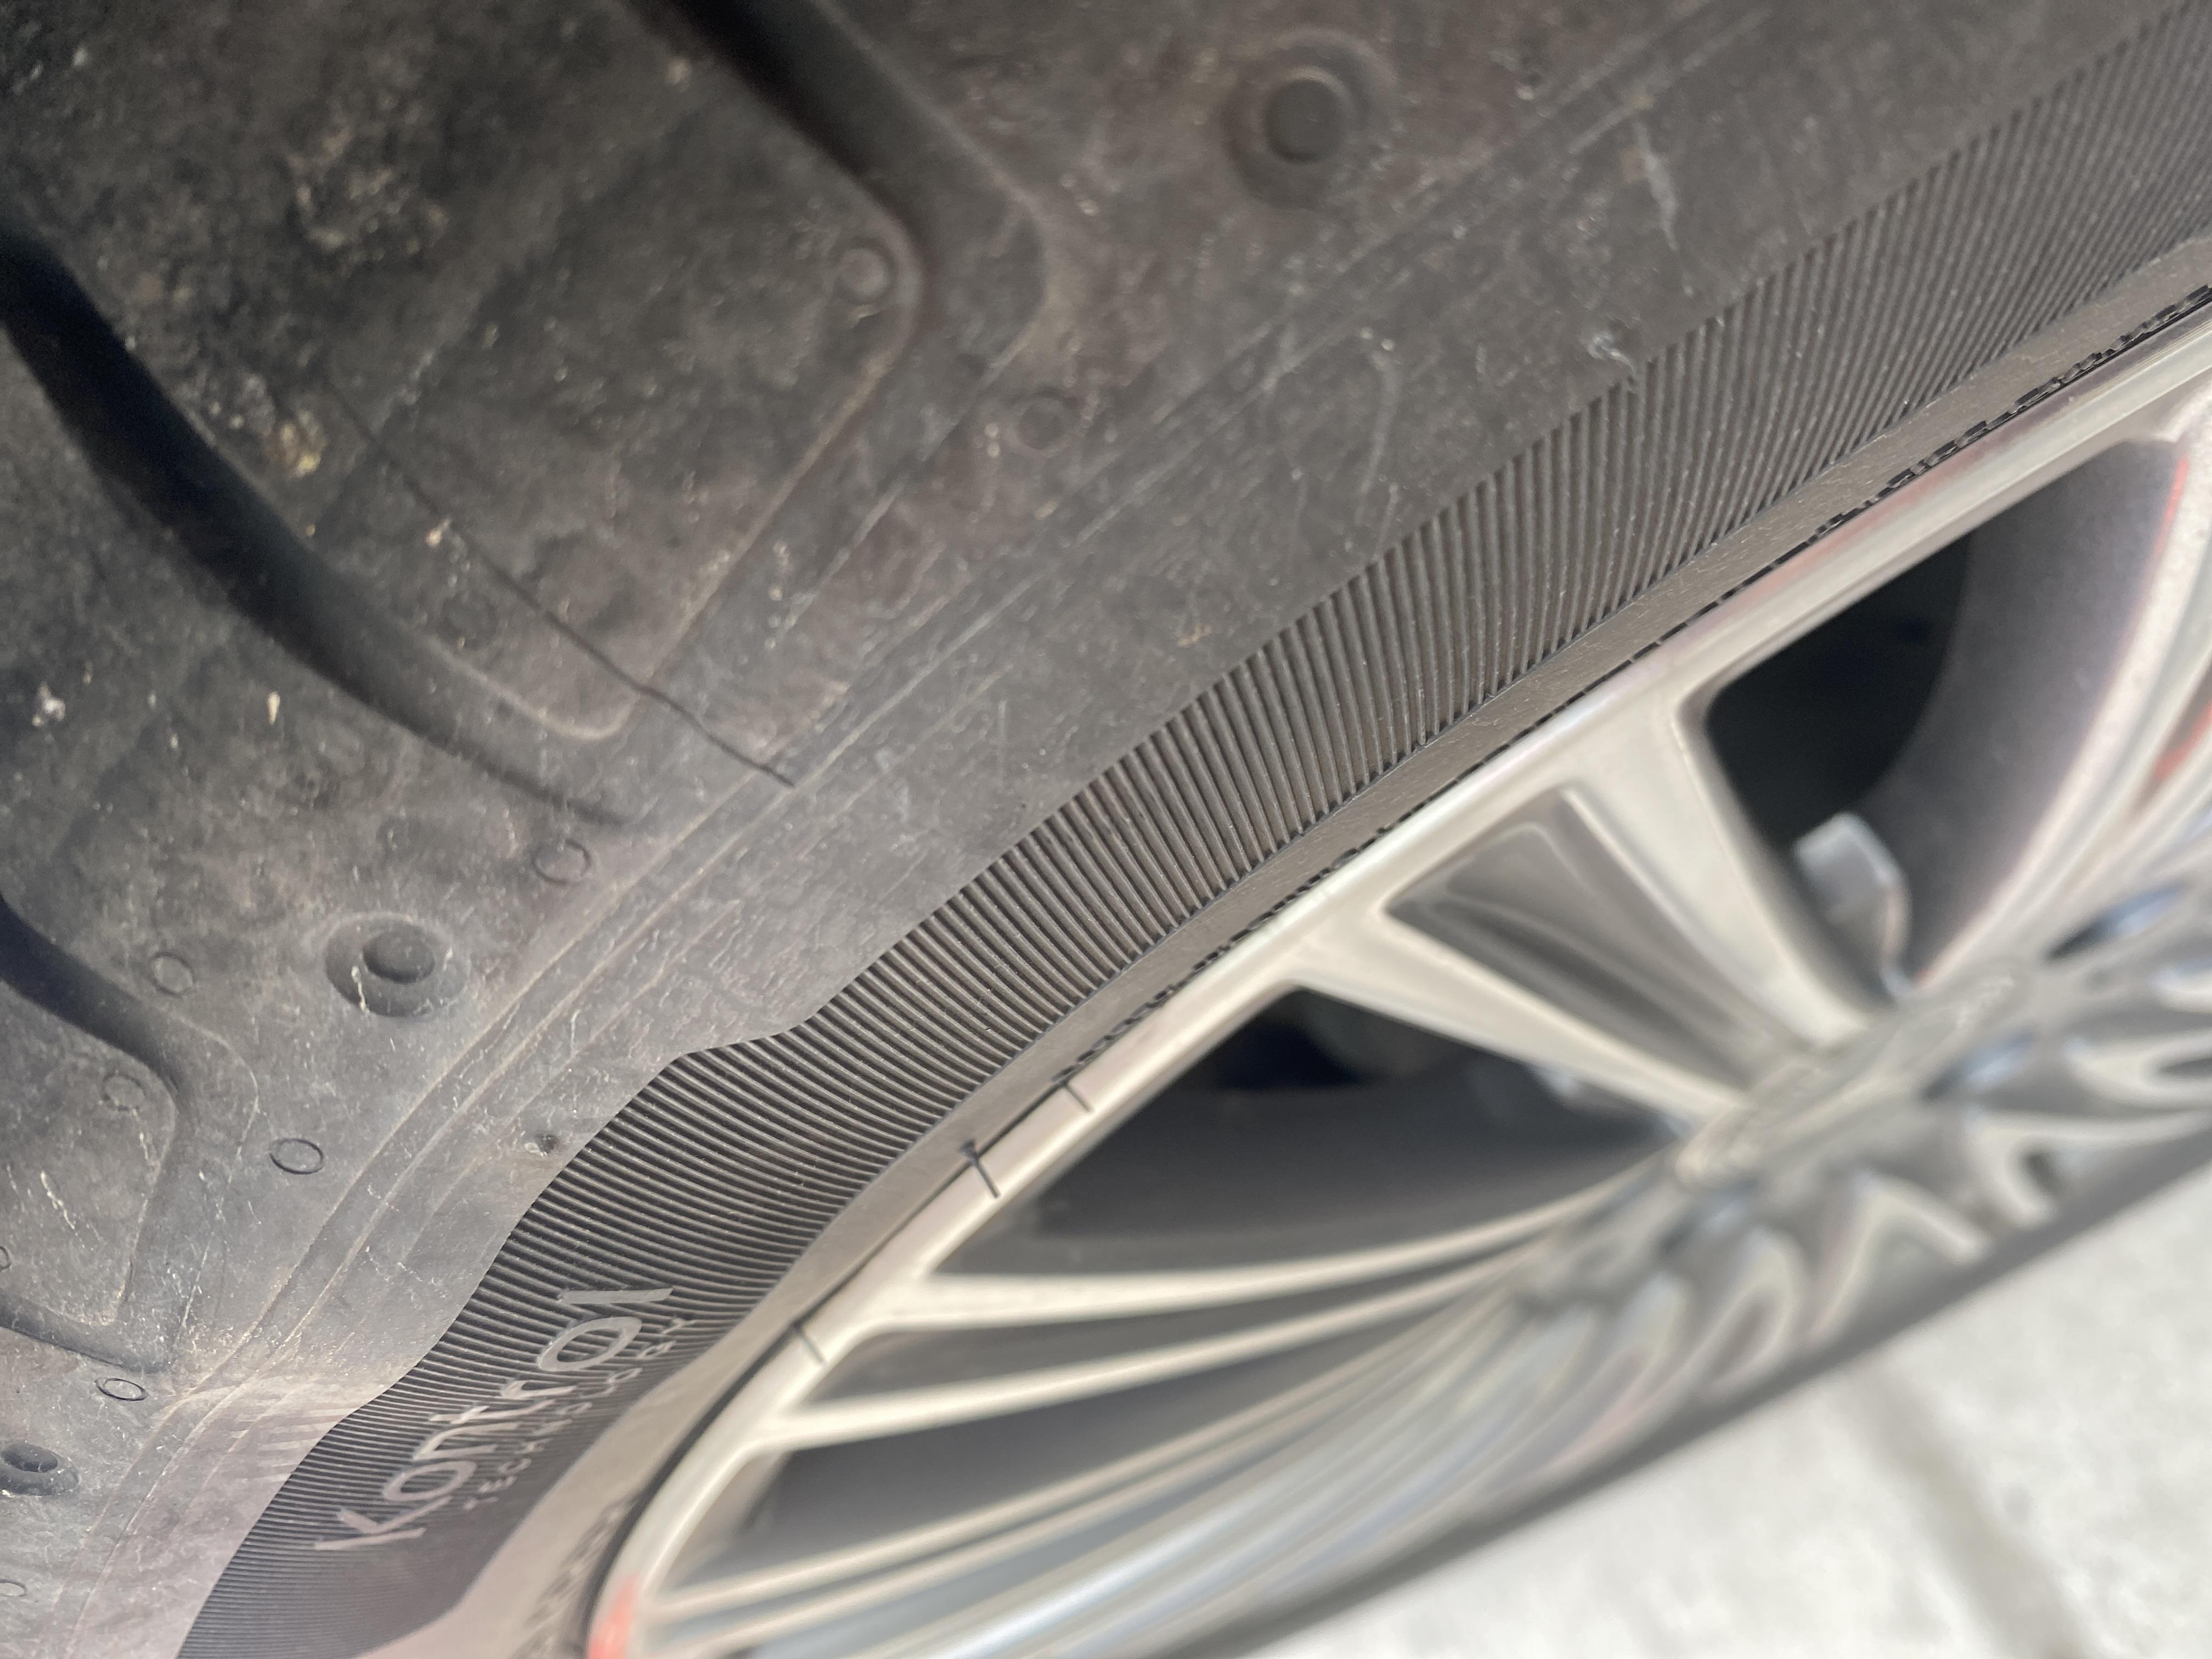 奔馳-E級新車1萬公里,兩條輪胎鼓包